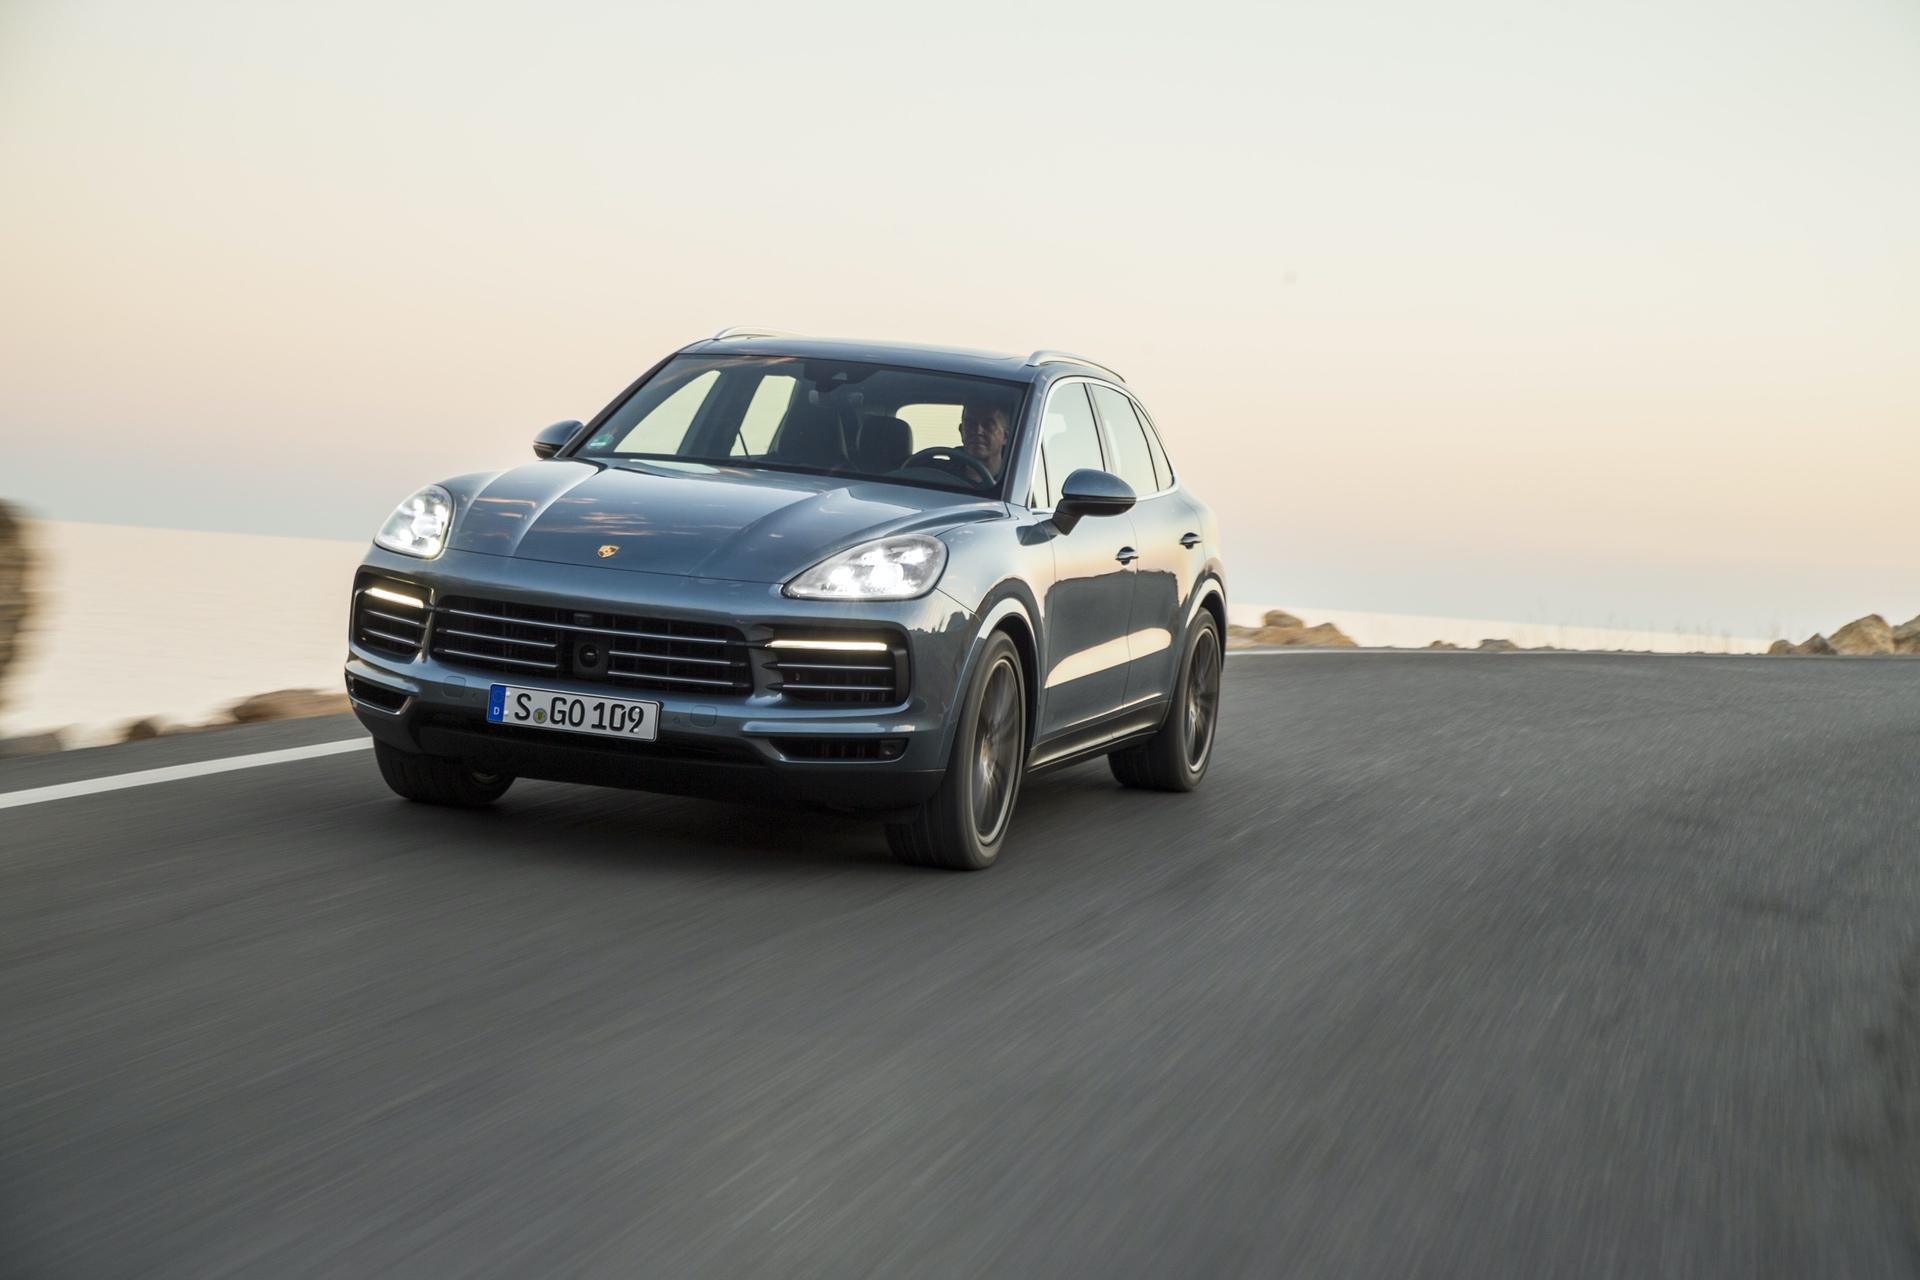 Test_Drive_Porsche_Cayenne_301